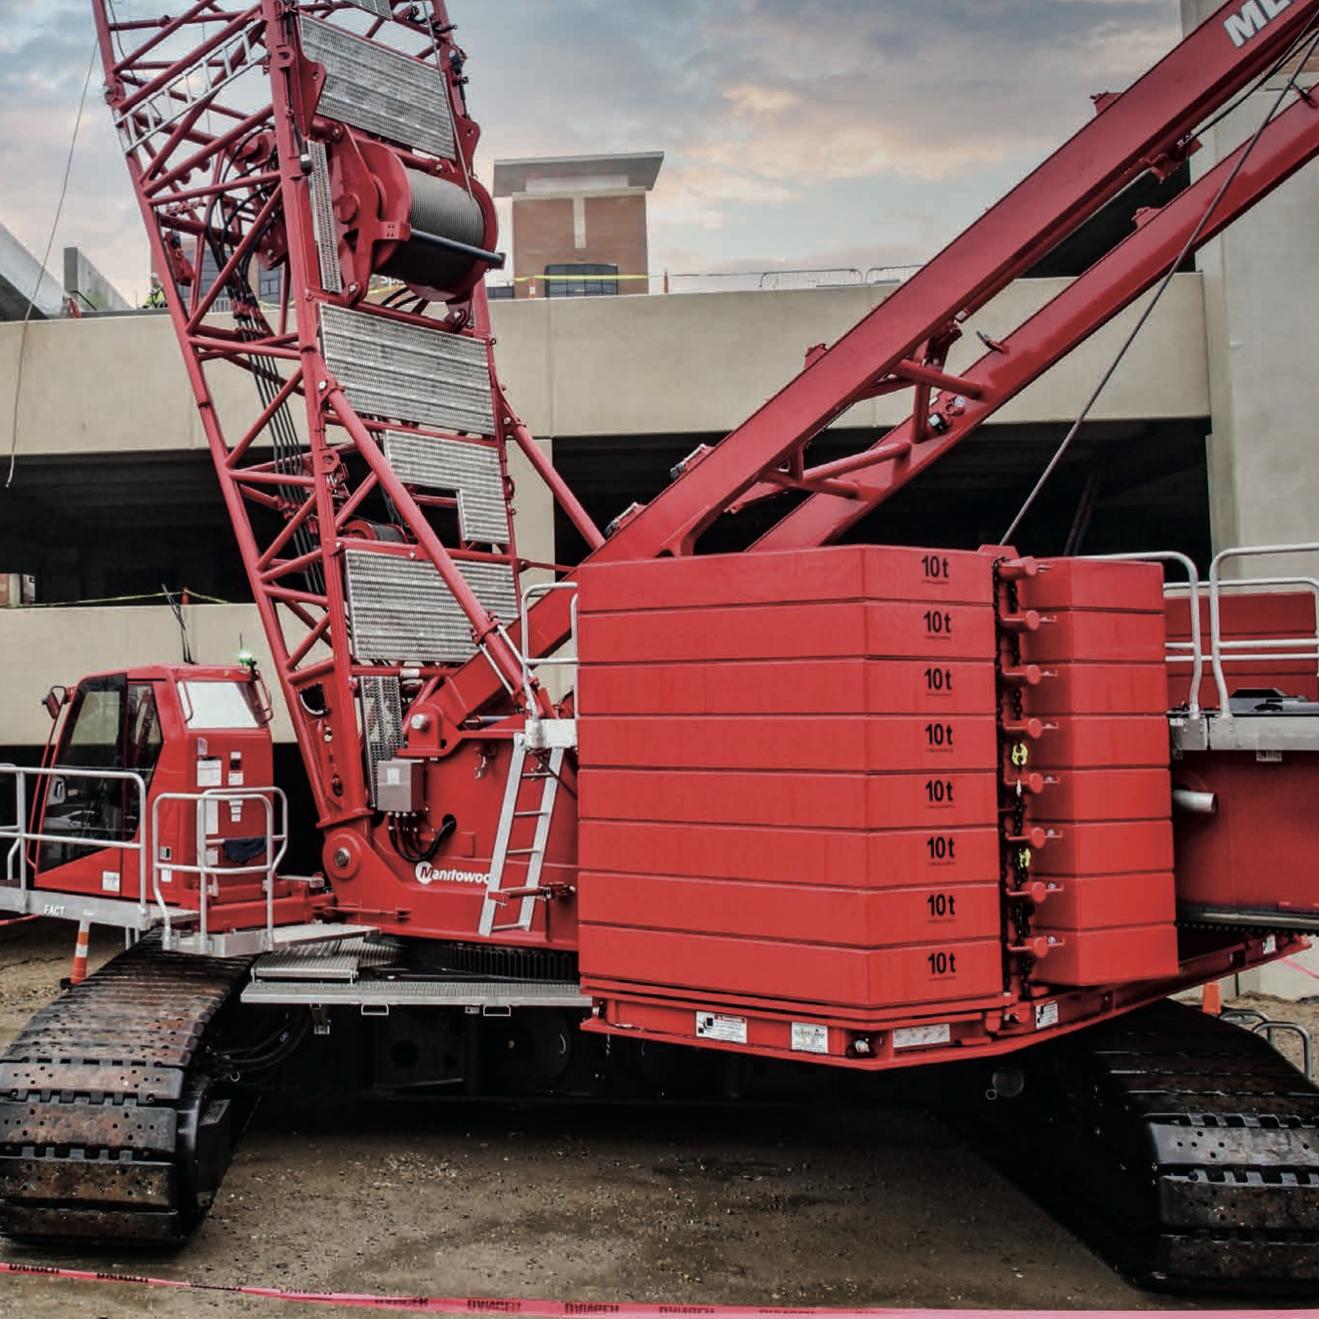 Wilkerson Crane Rental - Equipment - Manitowoc MLC300